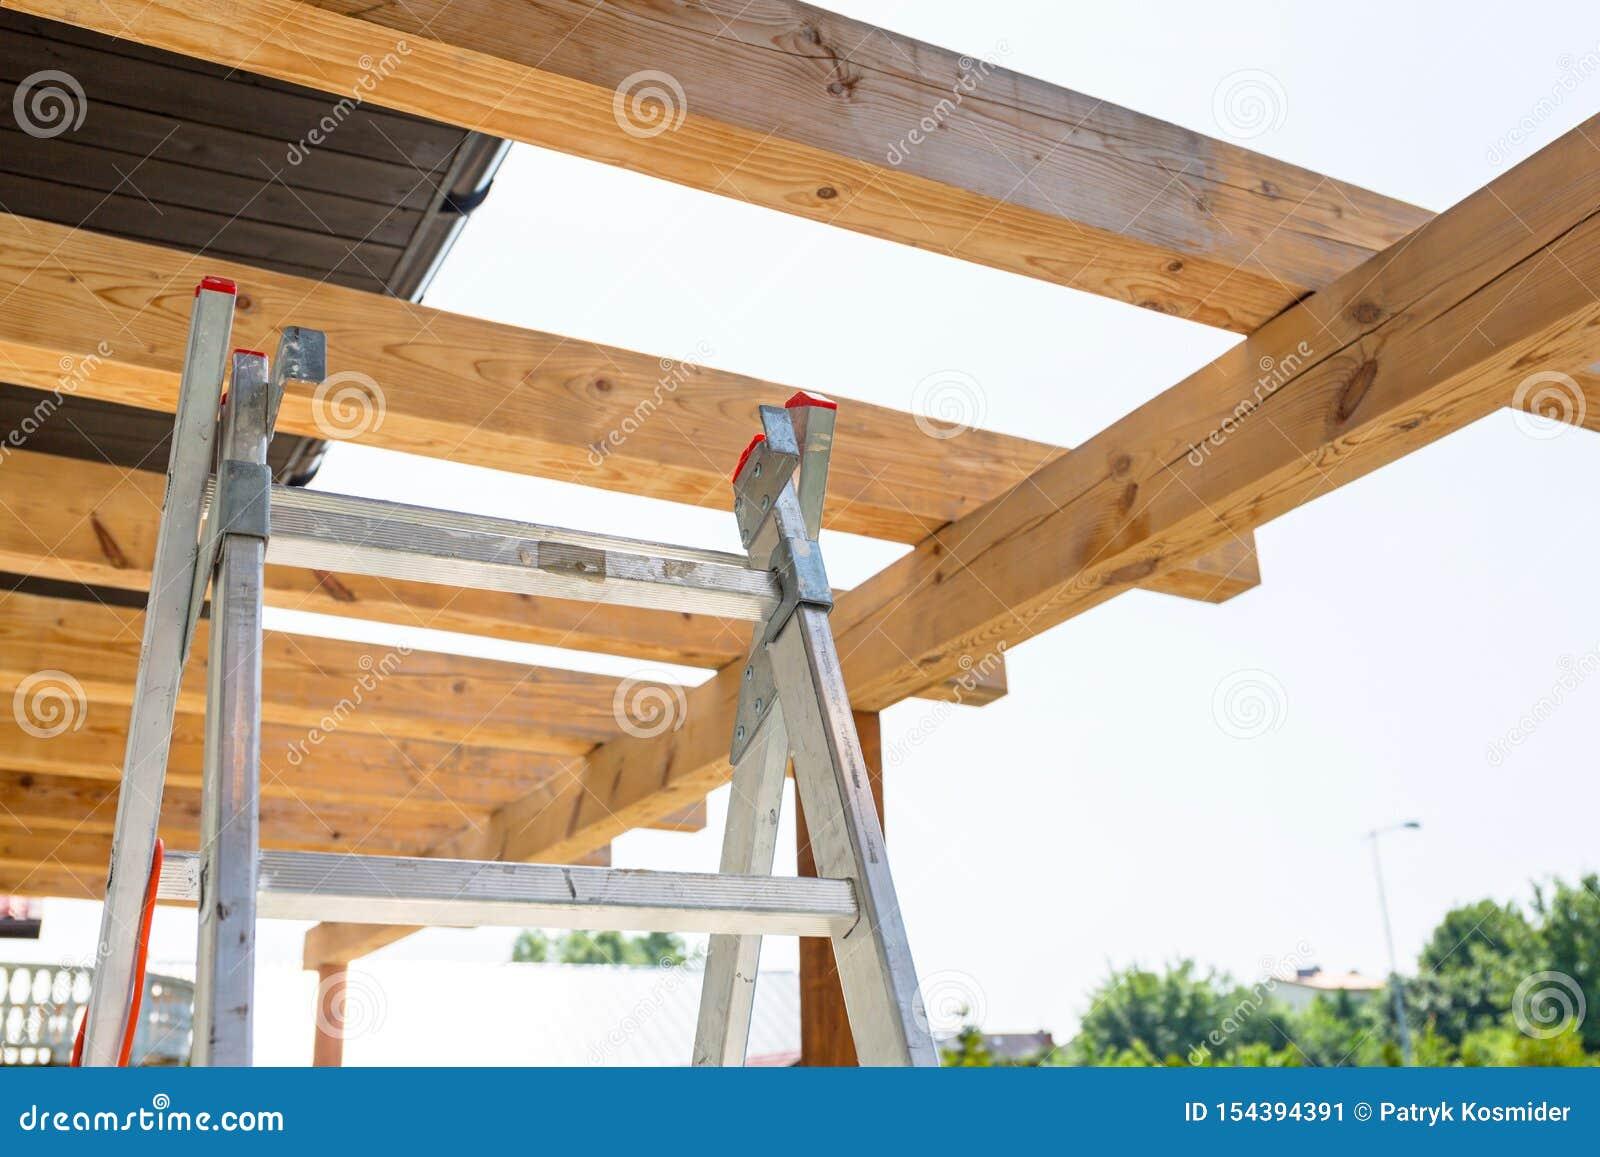 Nouvelle terrasse en bois de toit dans le jardin